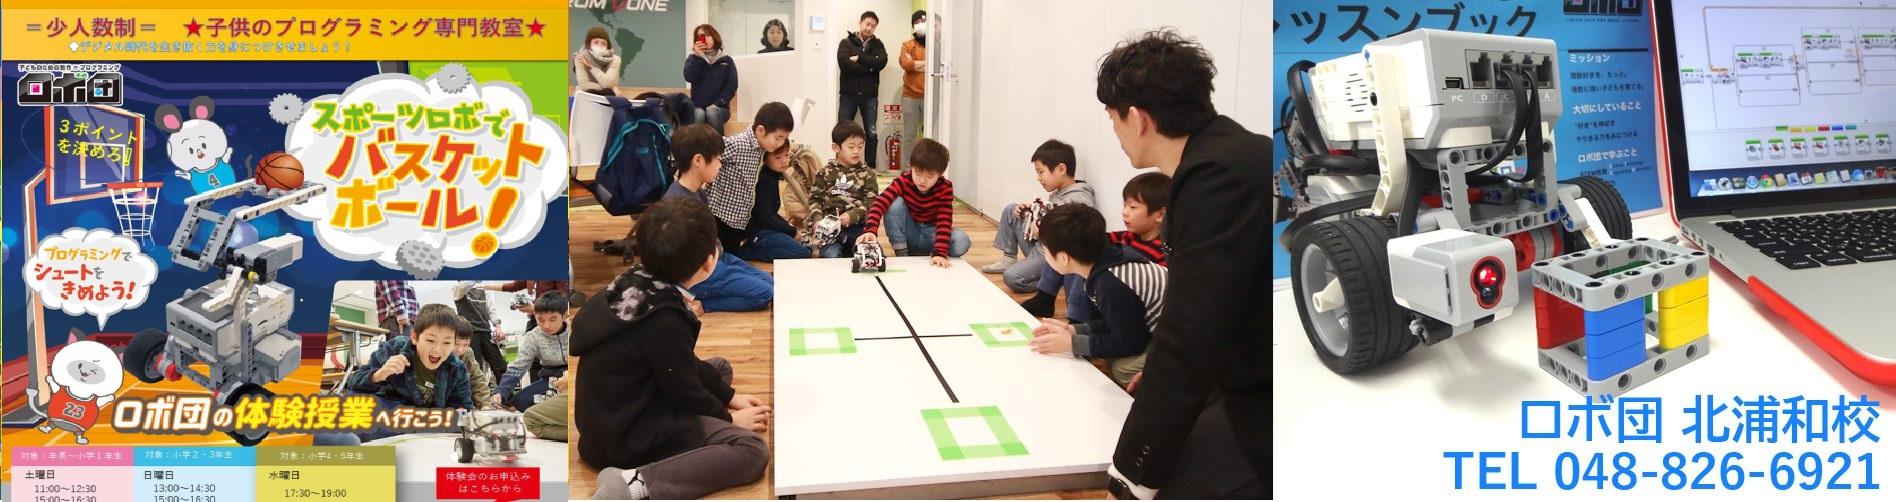 さいたま市浦和区のプログラミング教室「ロボ団北浦和校」